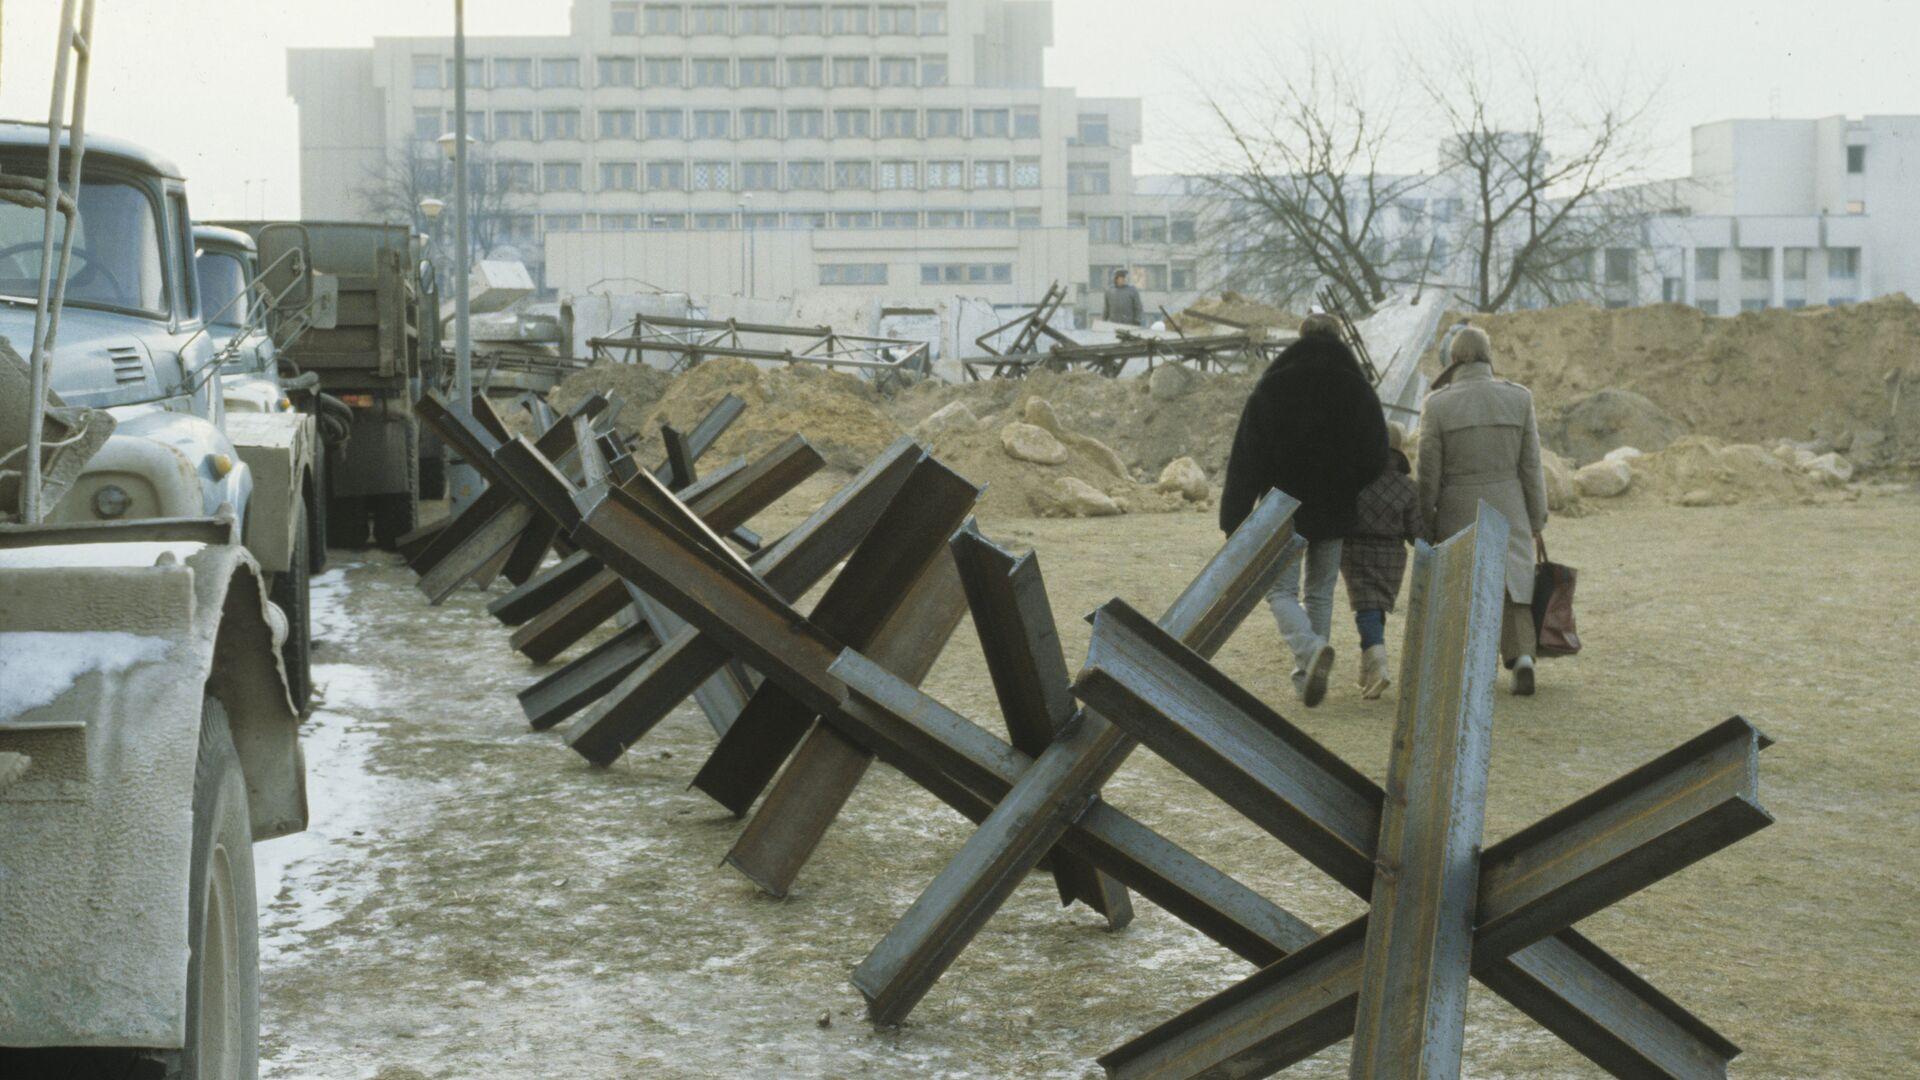 Противотанковые ежи на подходах к зданию парламента в Вильнюсе. 18 января 1991 - РИА Новости, 1920, 14.12.2020